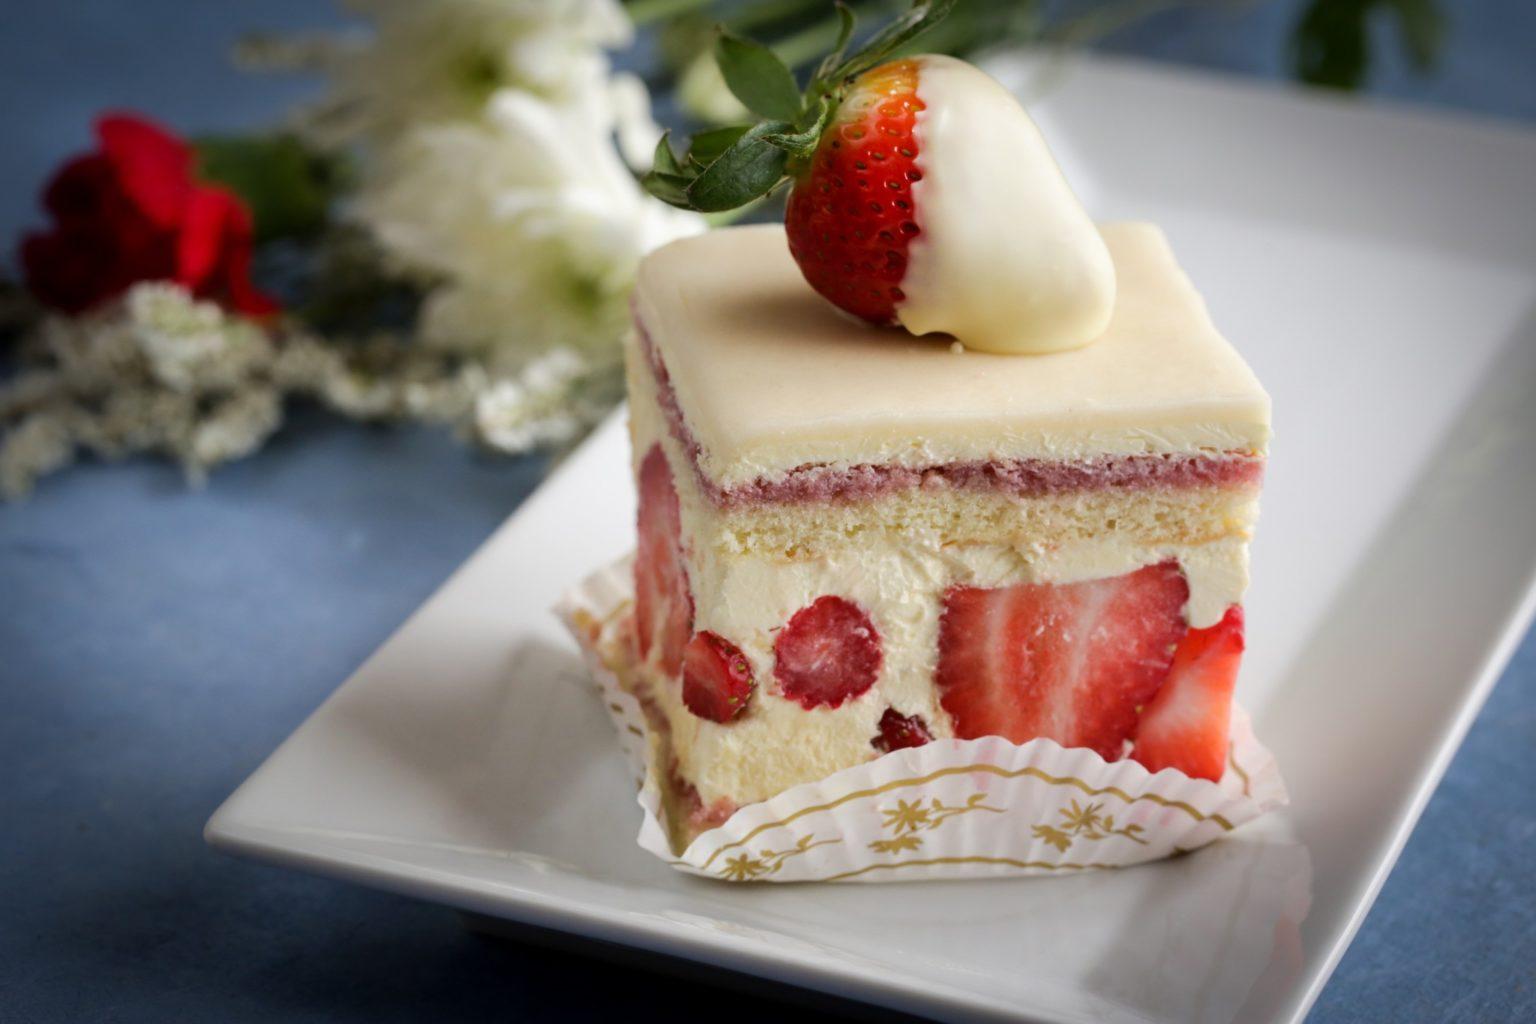 Individual Fraisier Signature Cake